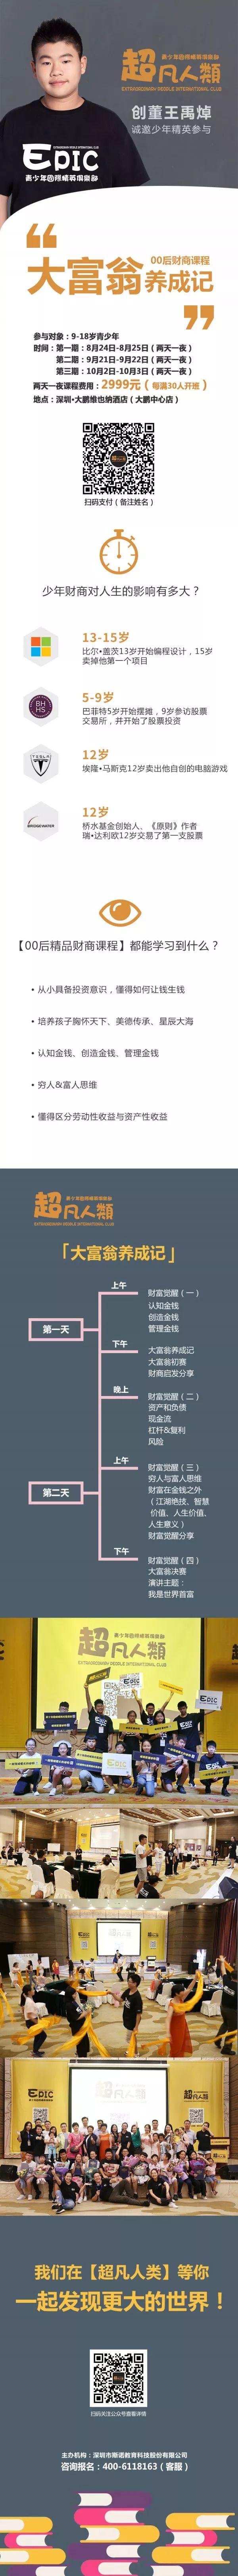 11岁超凡演讲者叶铭涛:海纳百川,方能掀起惊涛骇浪!插图(7)